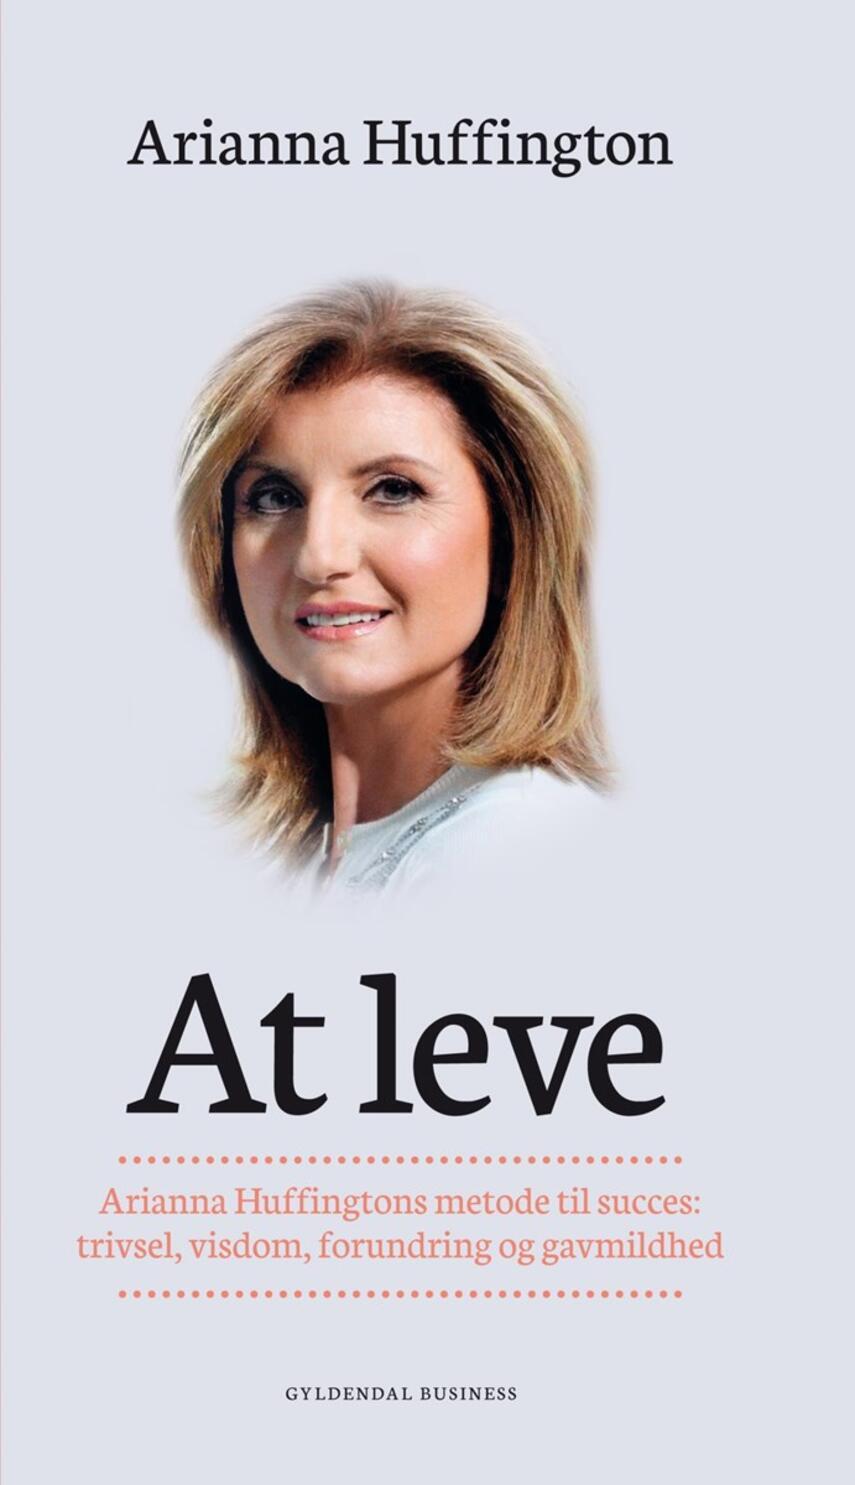 Arianna Stassinopoulos Huffington: At leve : Arianna Huffingtons metode til succes - trivsel, visdom, forundring og gavmildhed